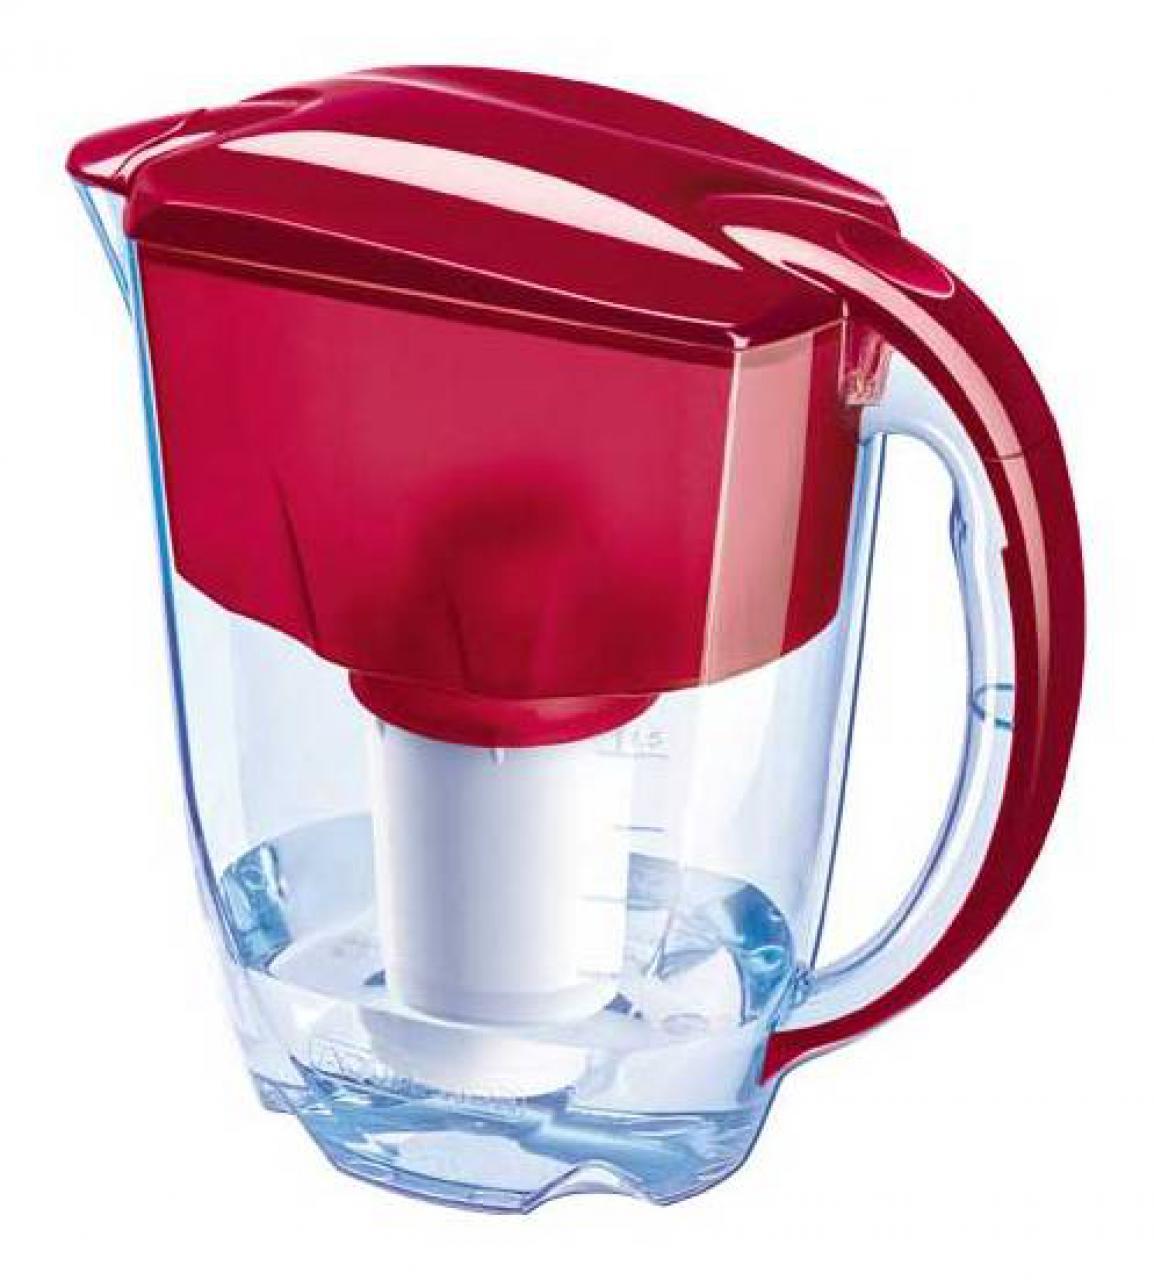 Фильтры для воды под мойку: какой лучше?